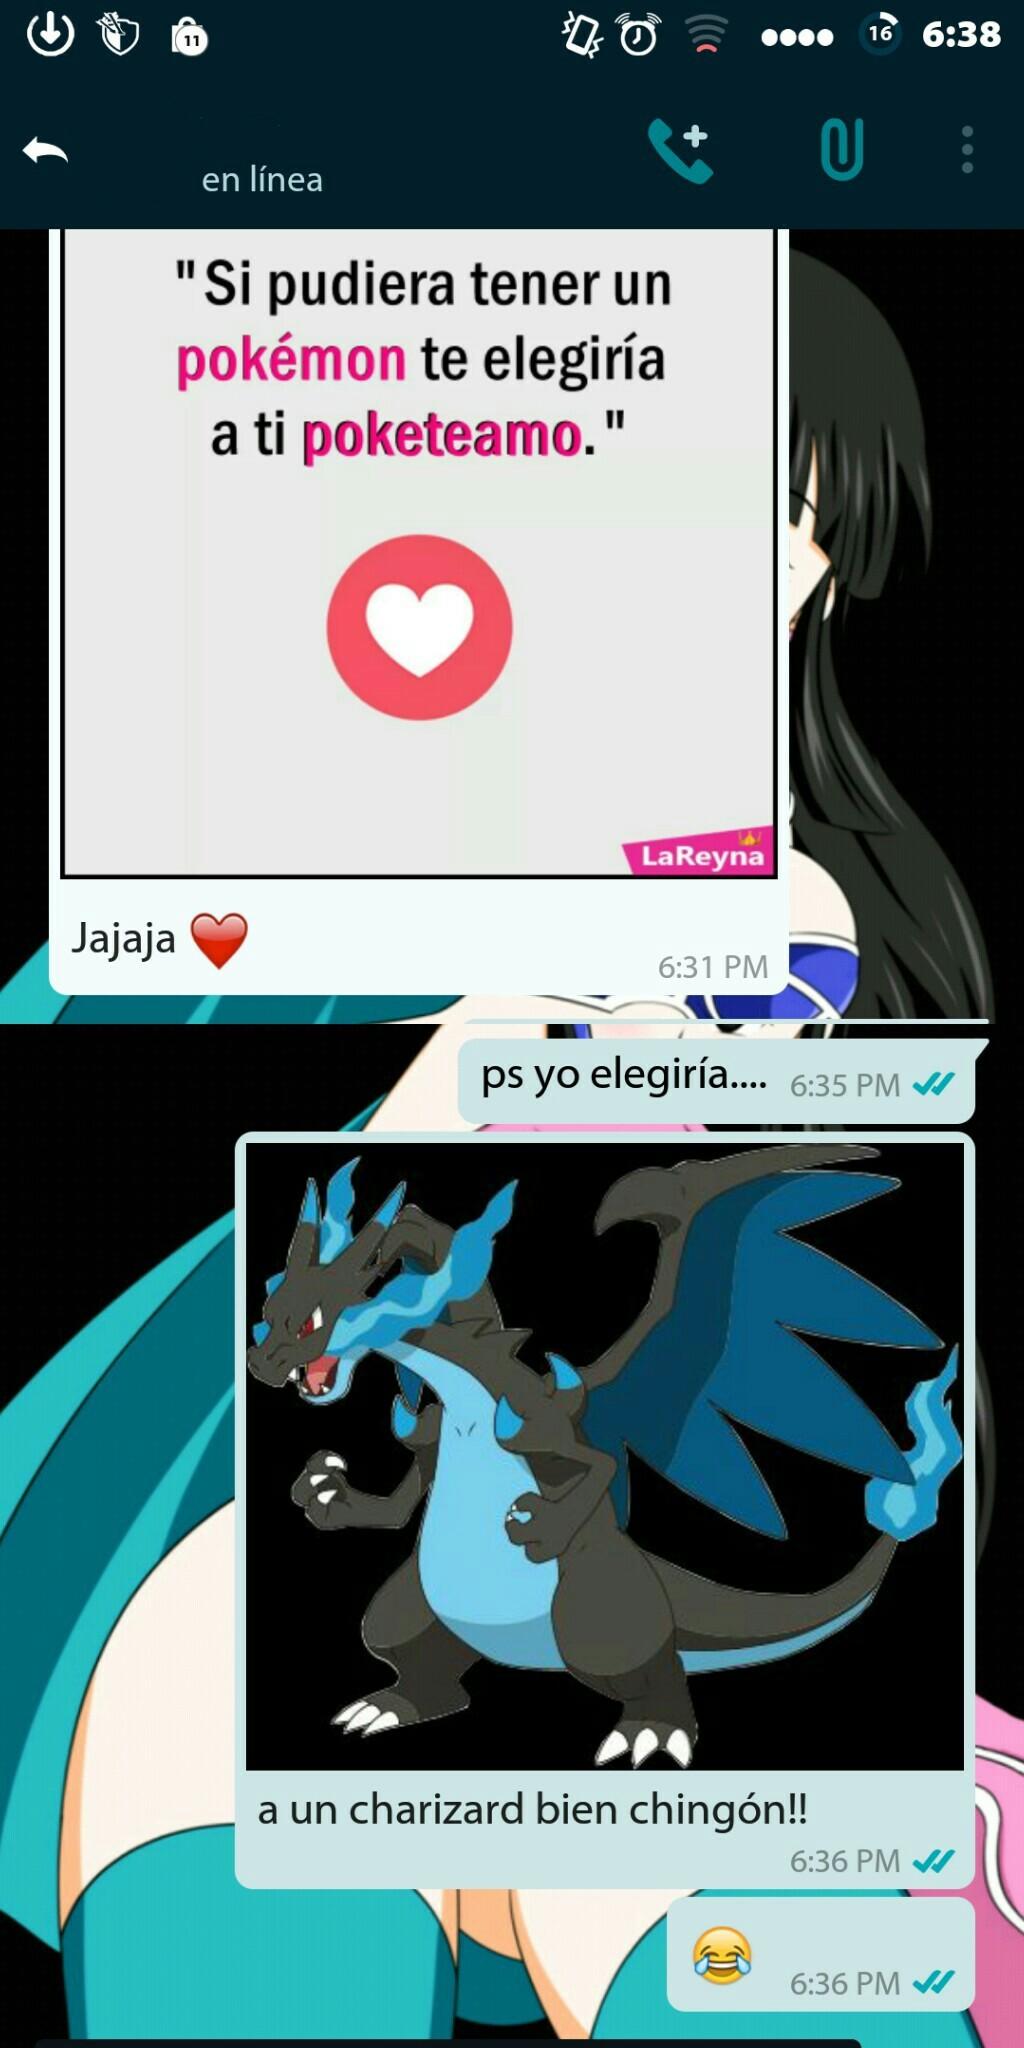 una batalla pokemon - meme